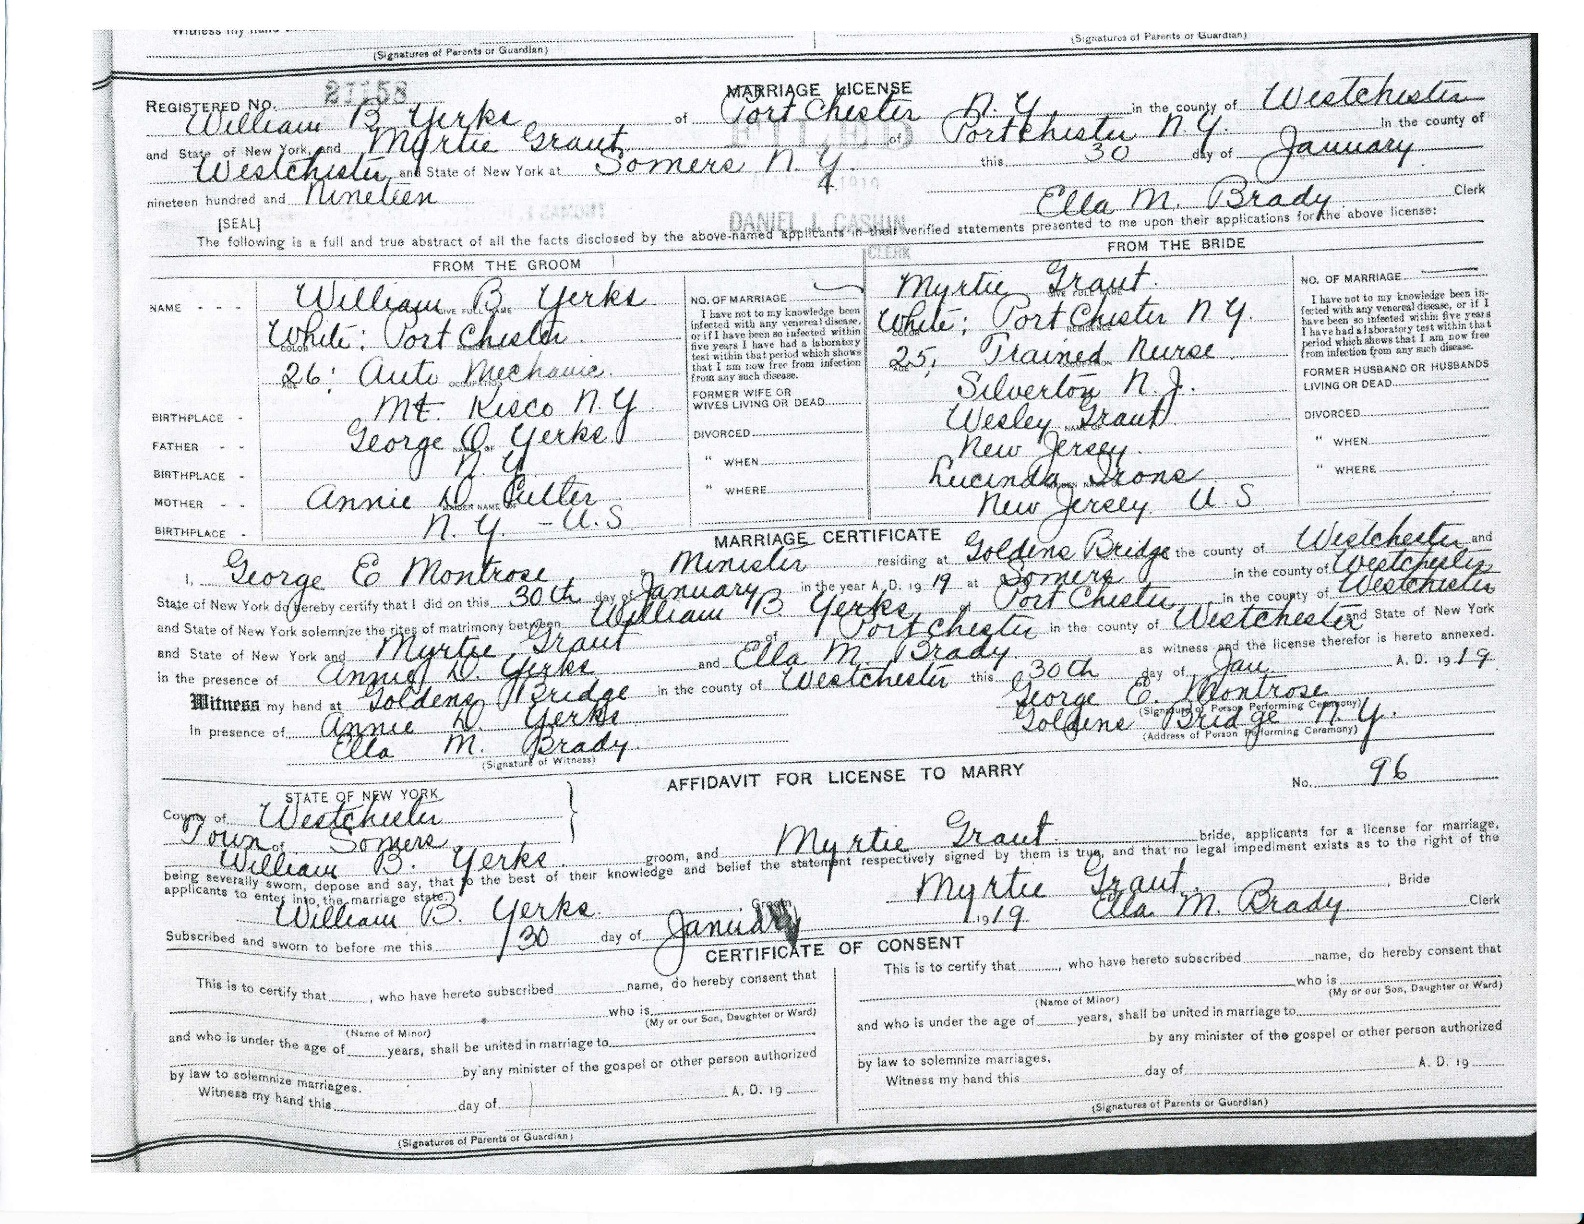 1919: Marriage License of William B Yerks & Myrtie Gant